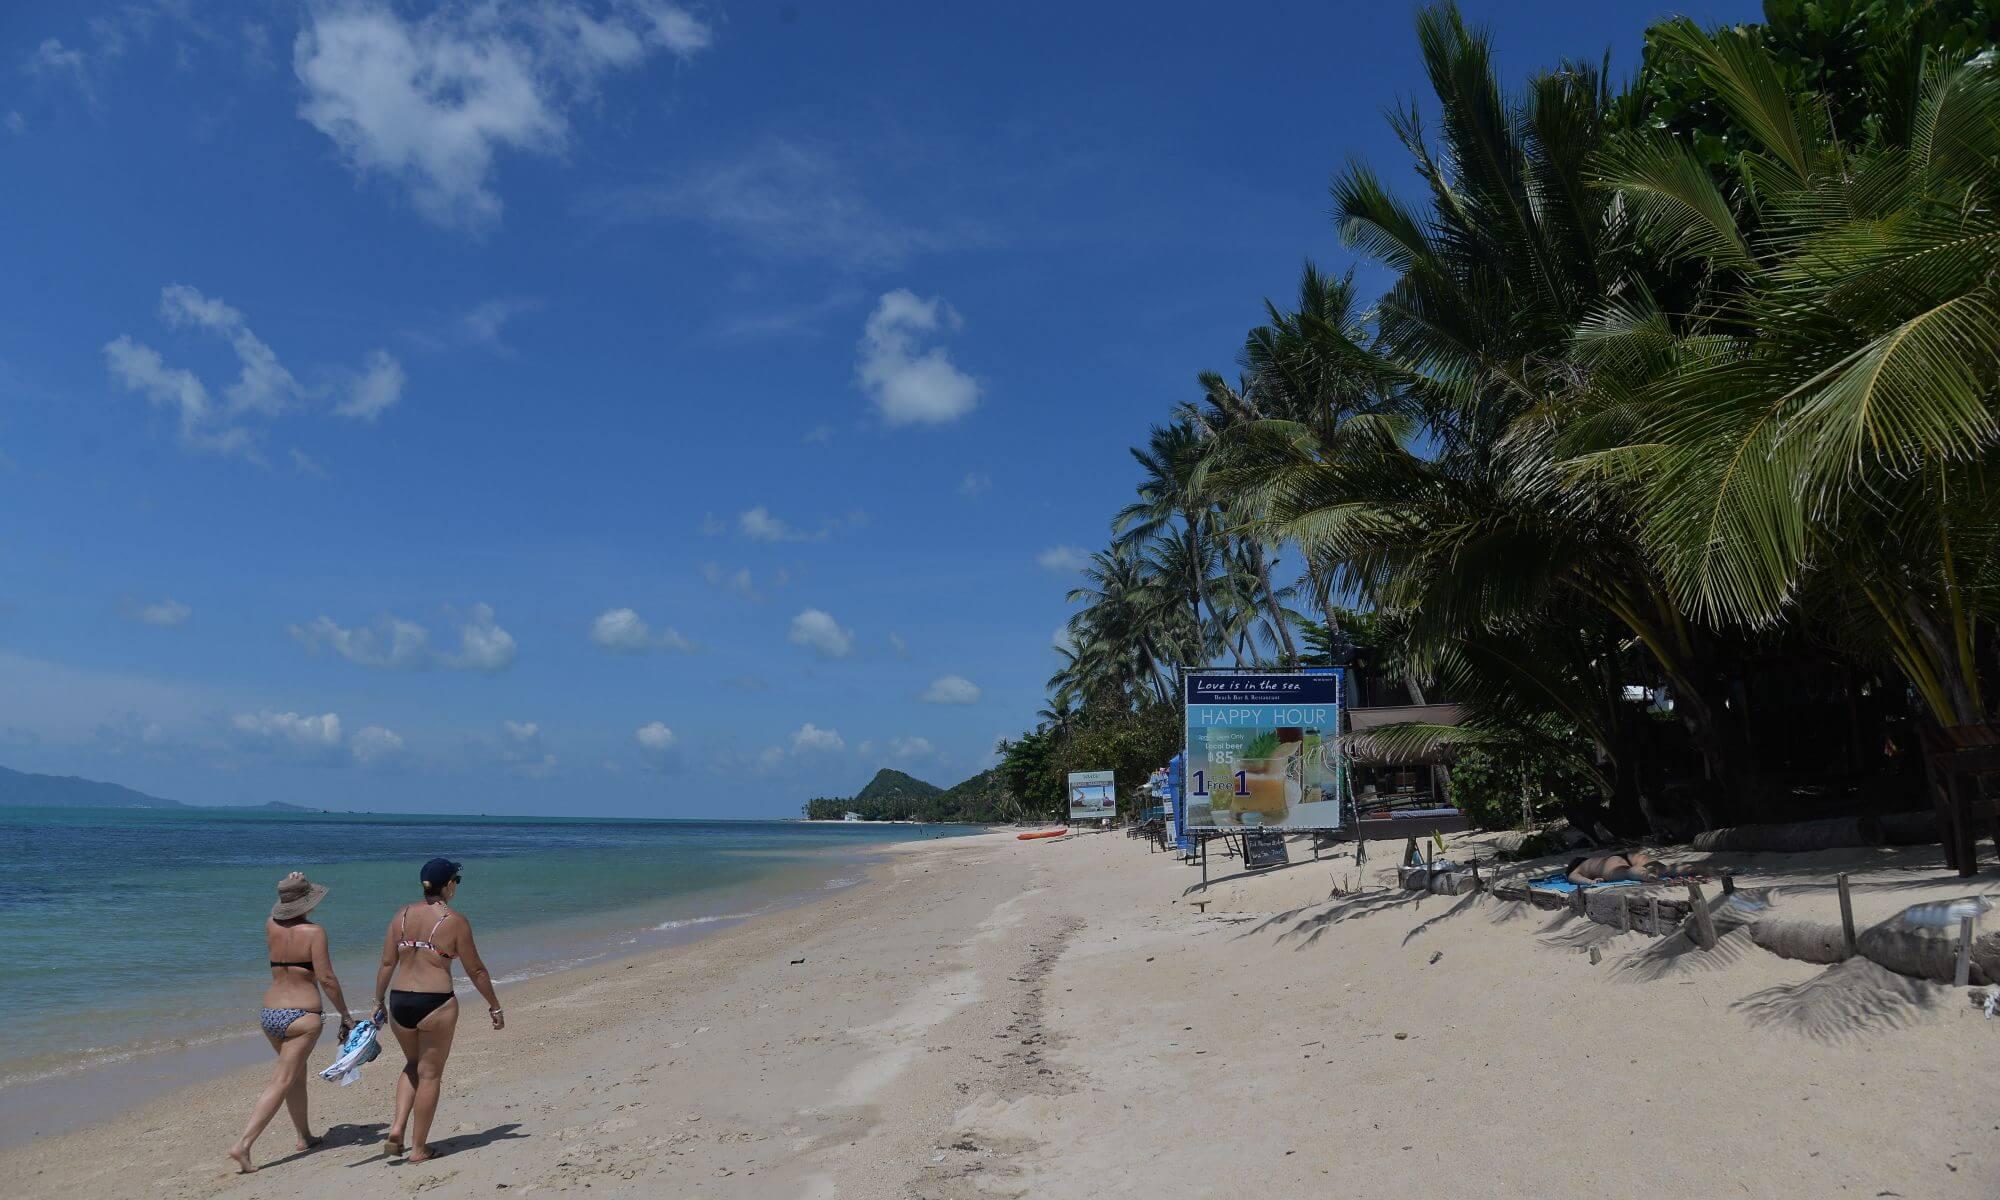 الجزر والشواطئ الخلابة